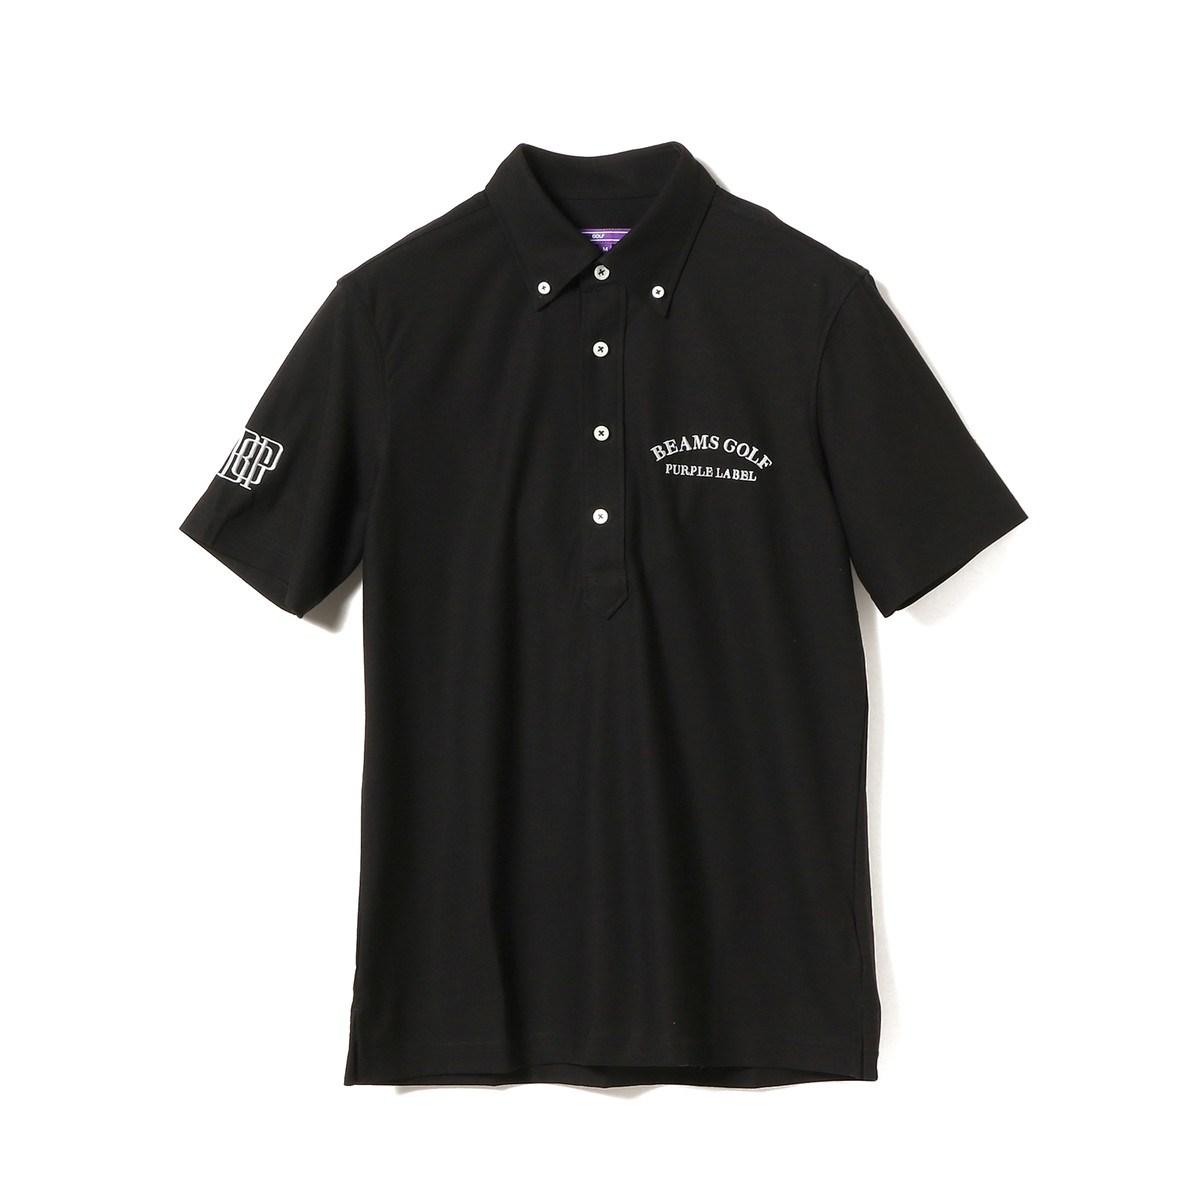 ビームスゴルフ BEAMS GOLF PURPLE LABEL BGP ボタンダウン 半袖ポロシャツ